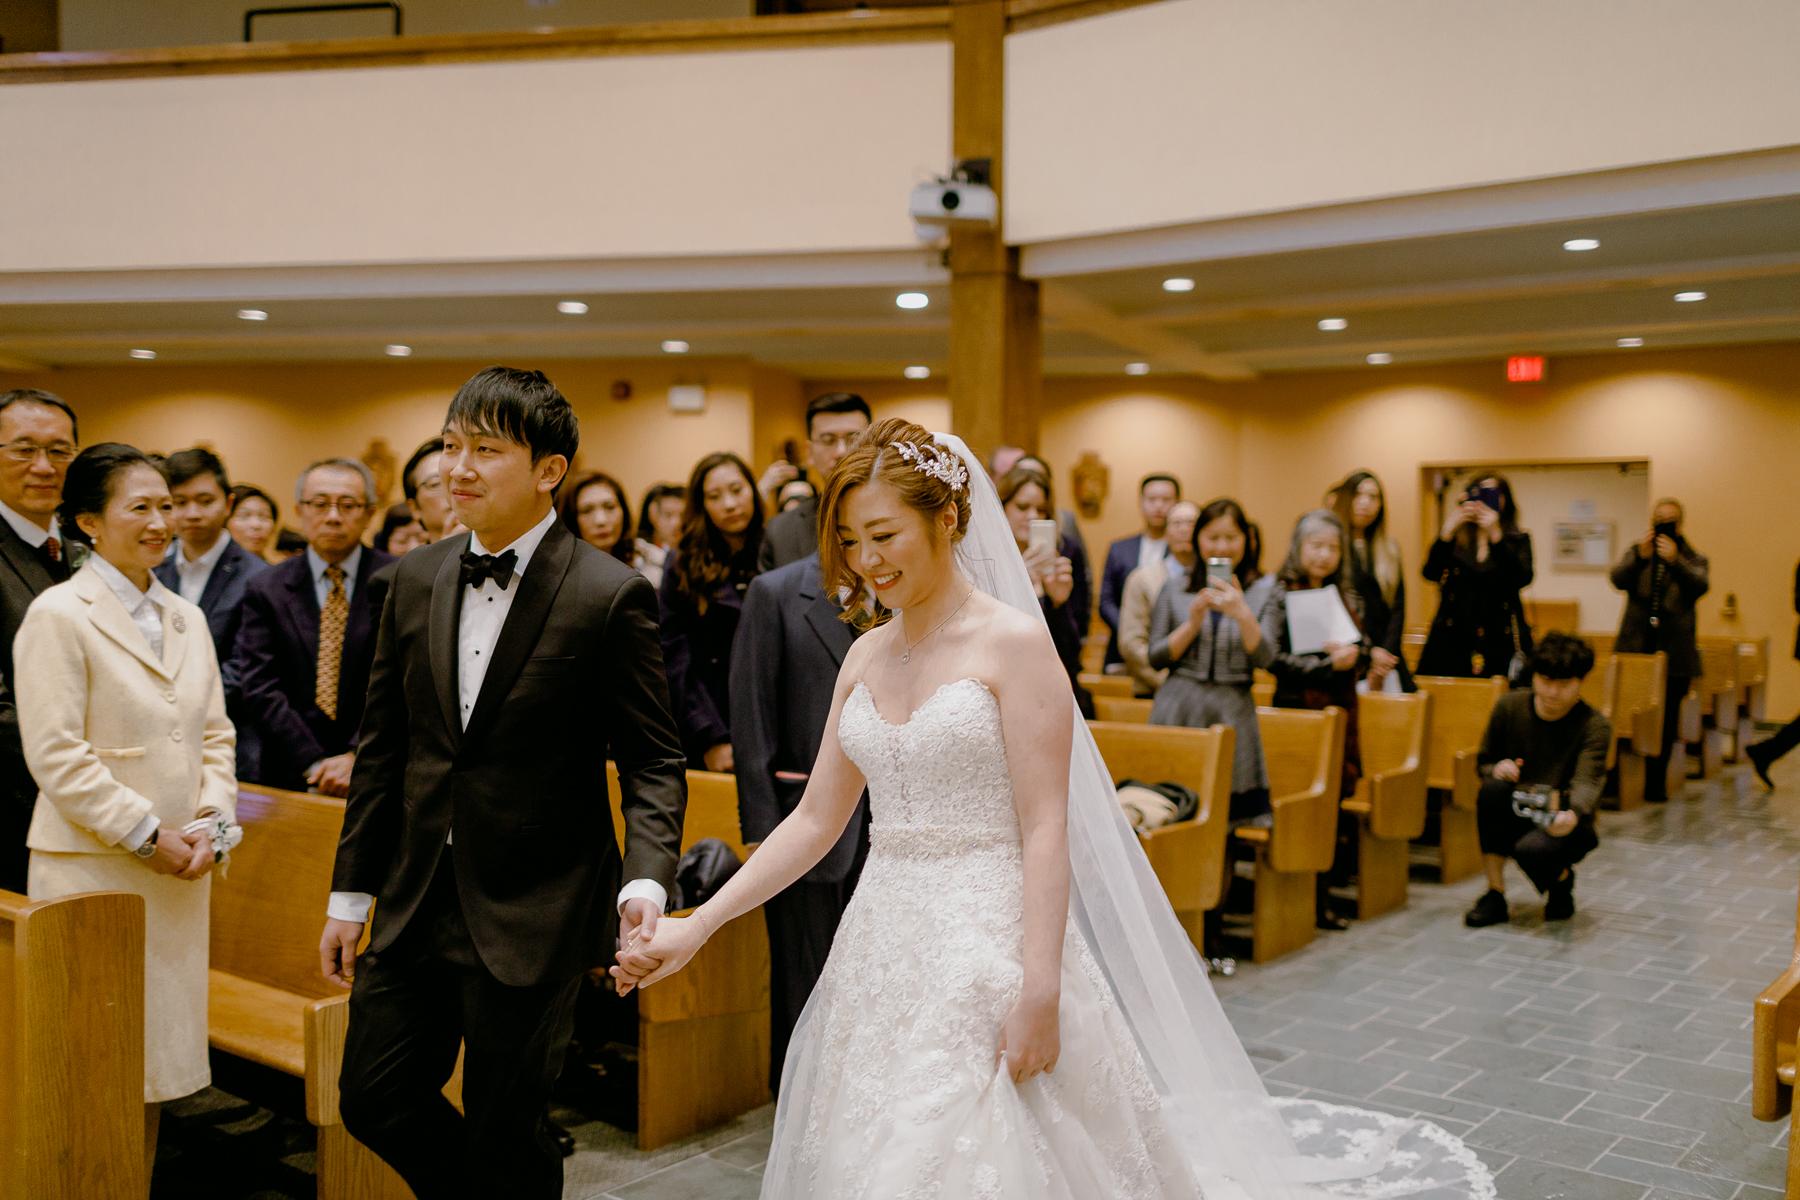 markham-wedding-photography-markham-museum-wedding 0034.jpg